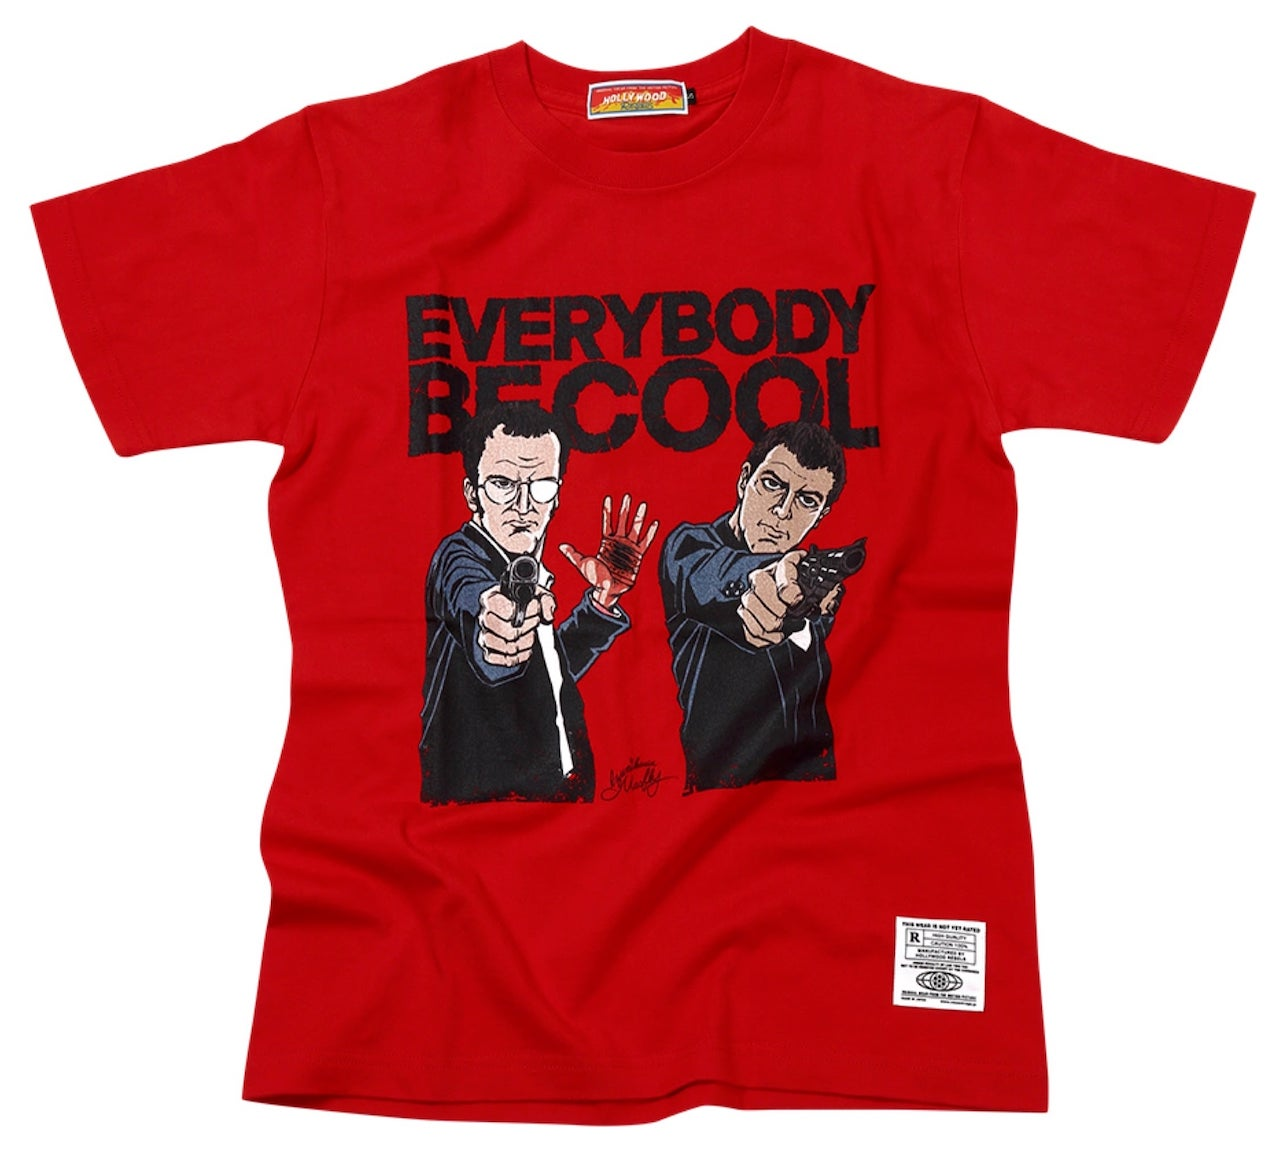 ゲッコー兄弟Tシャツ